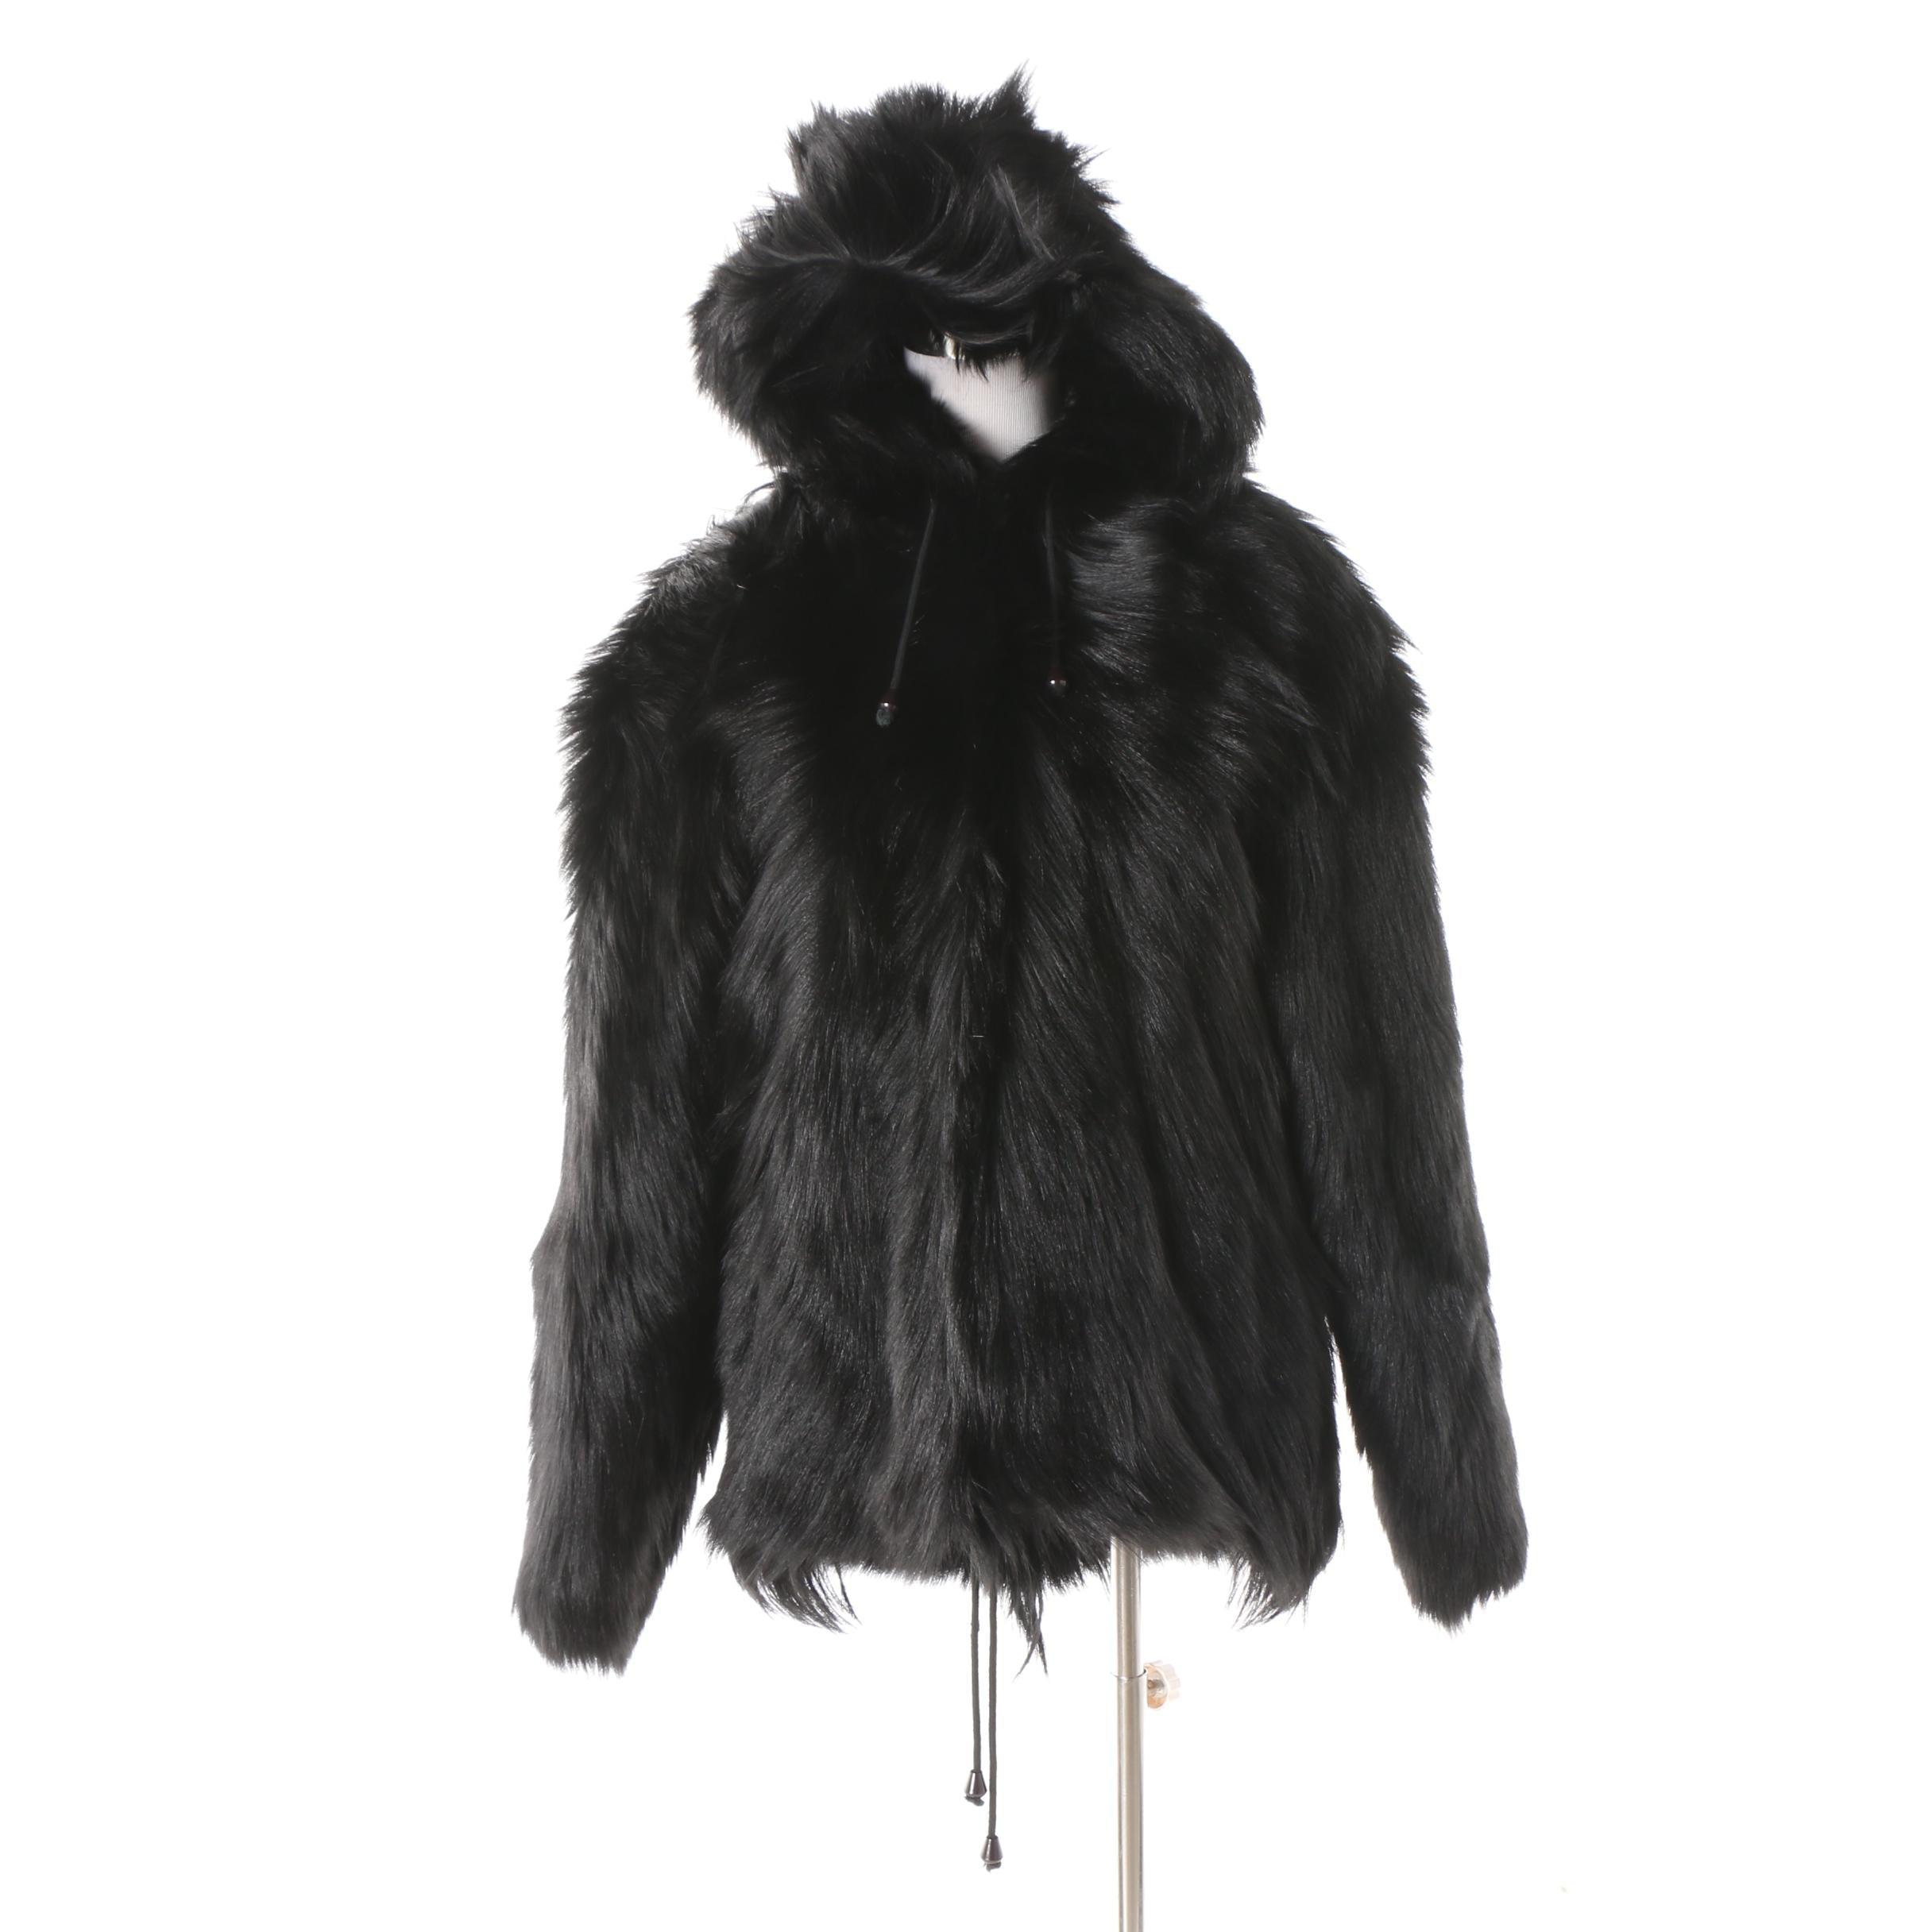 Men's Vintage Tamari Dyed Goat Fur Hooded Jacket